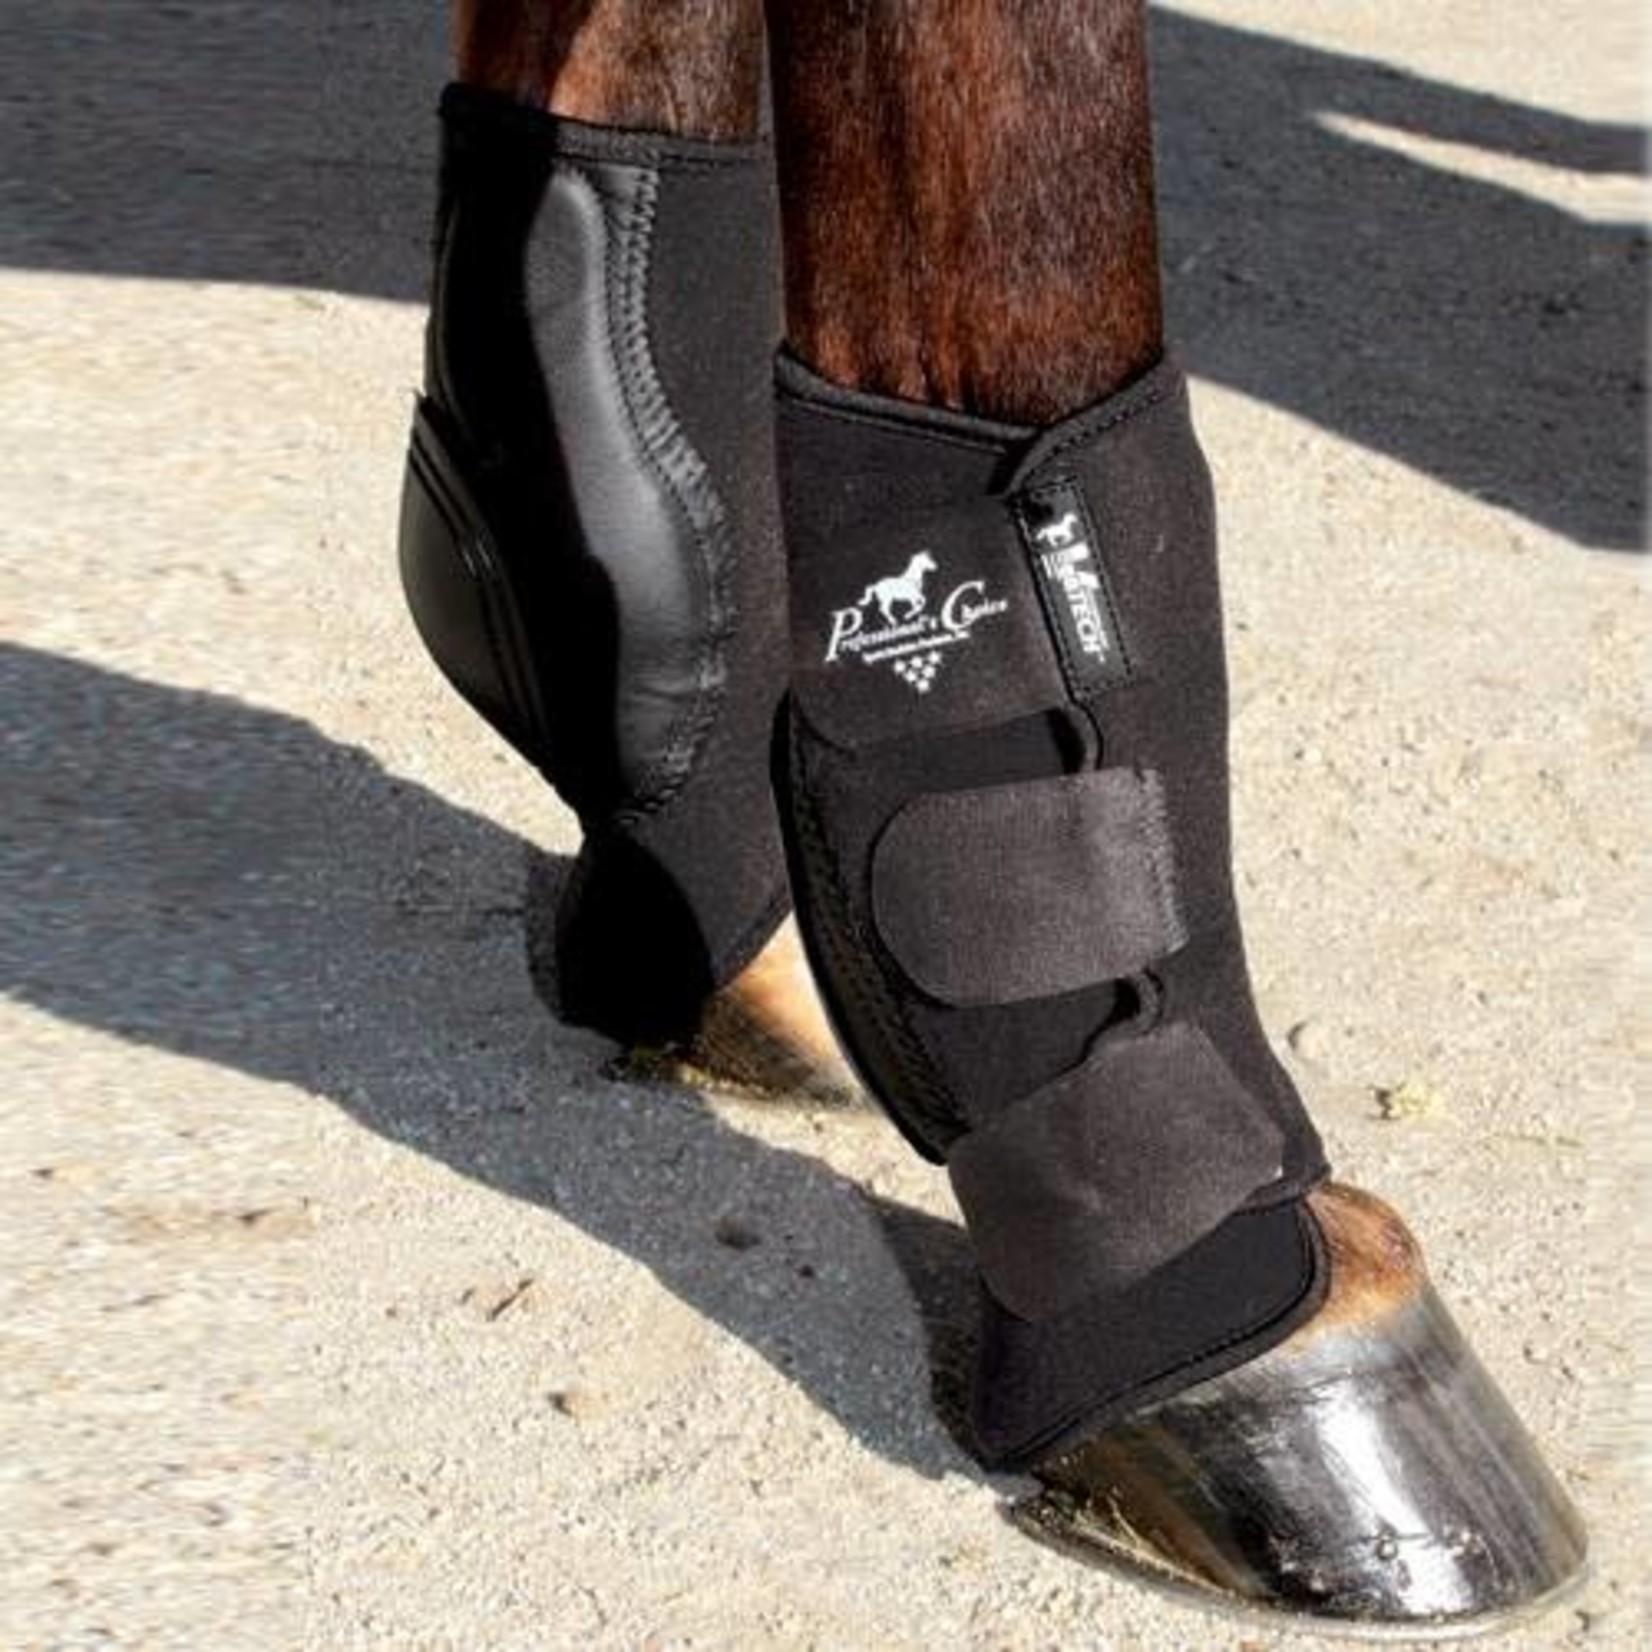 Slide-Tech Skid Boots - Blk